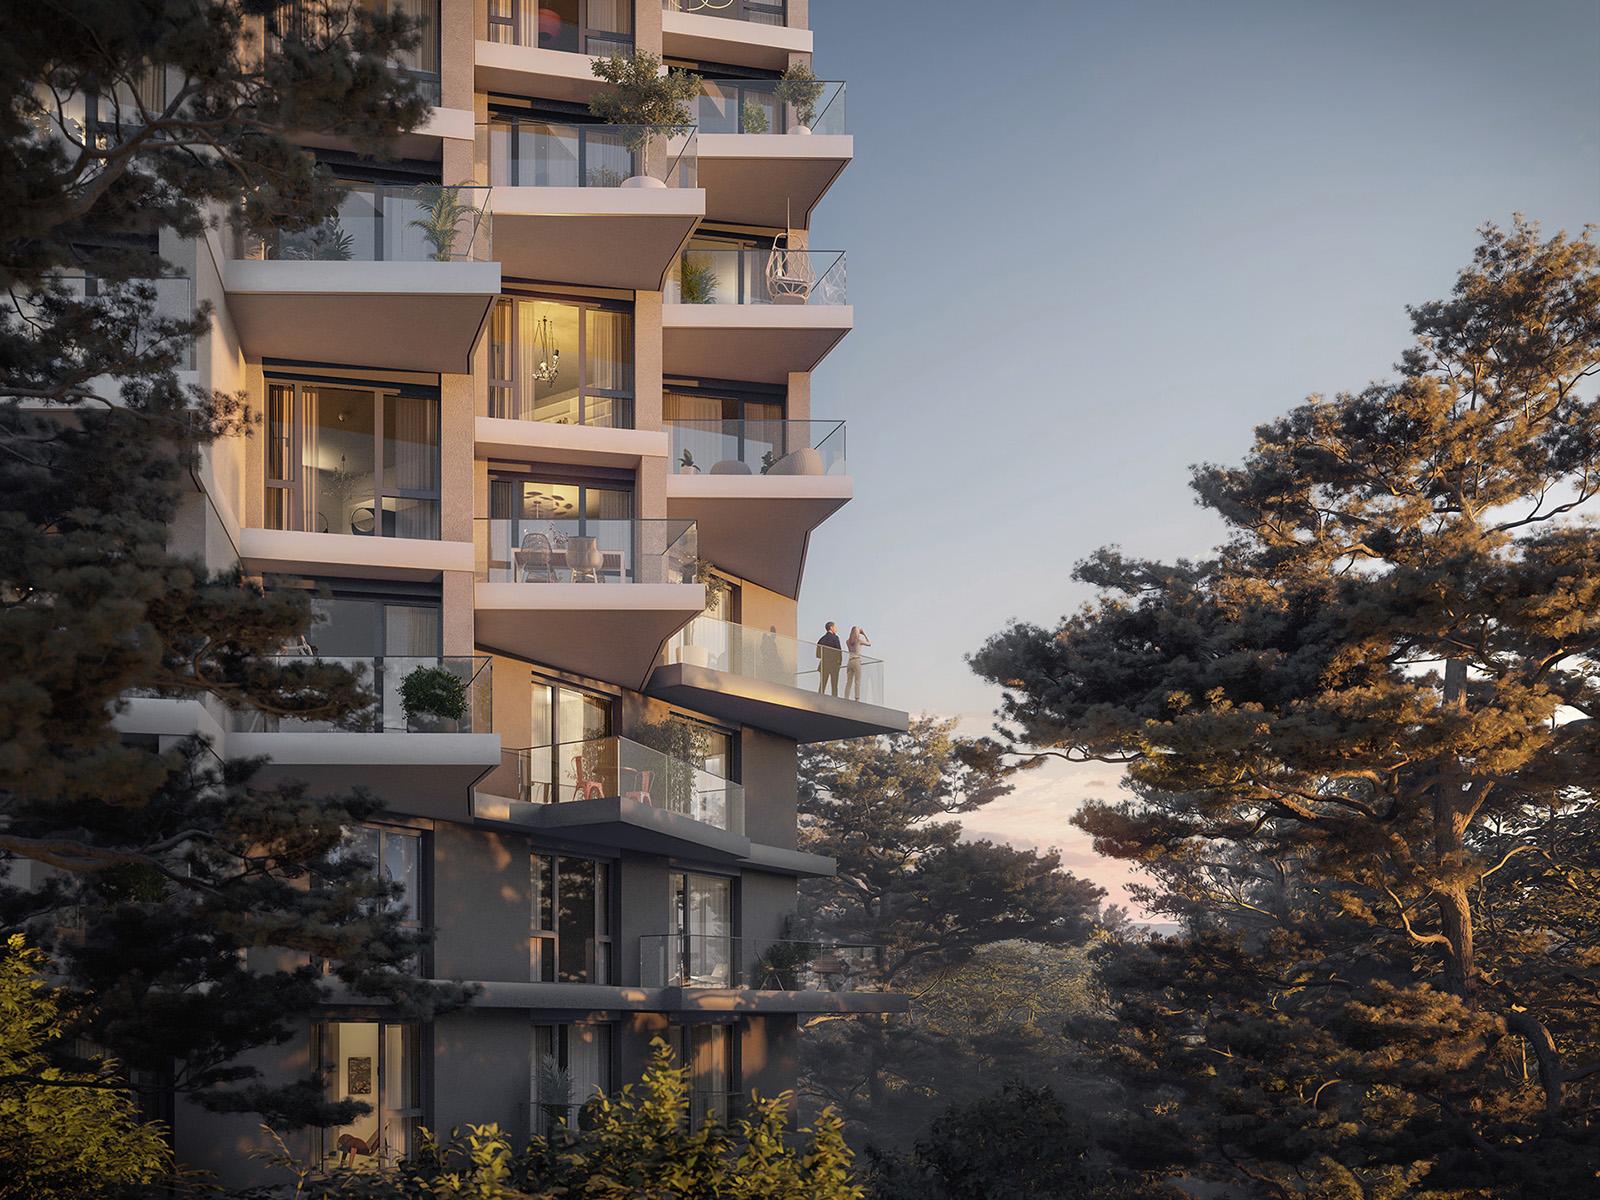 Vizualizace balkónů bytových domů Hagibor v Praze